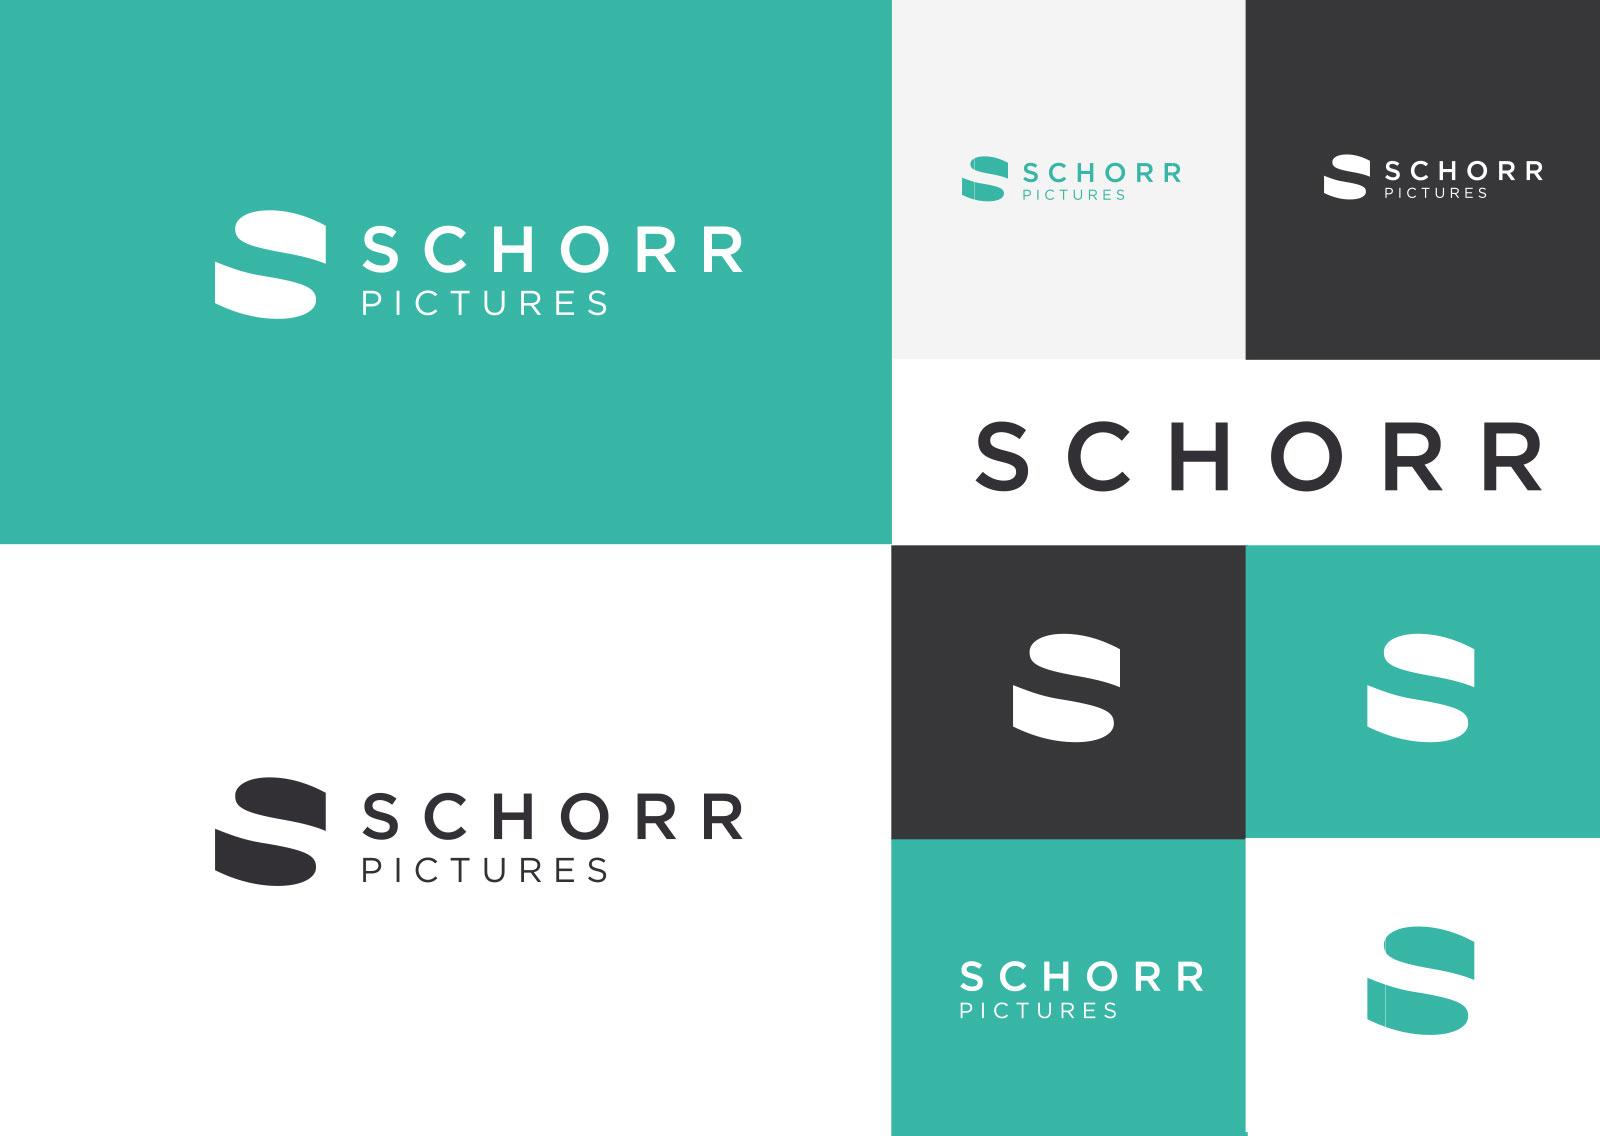 Schorr_1